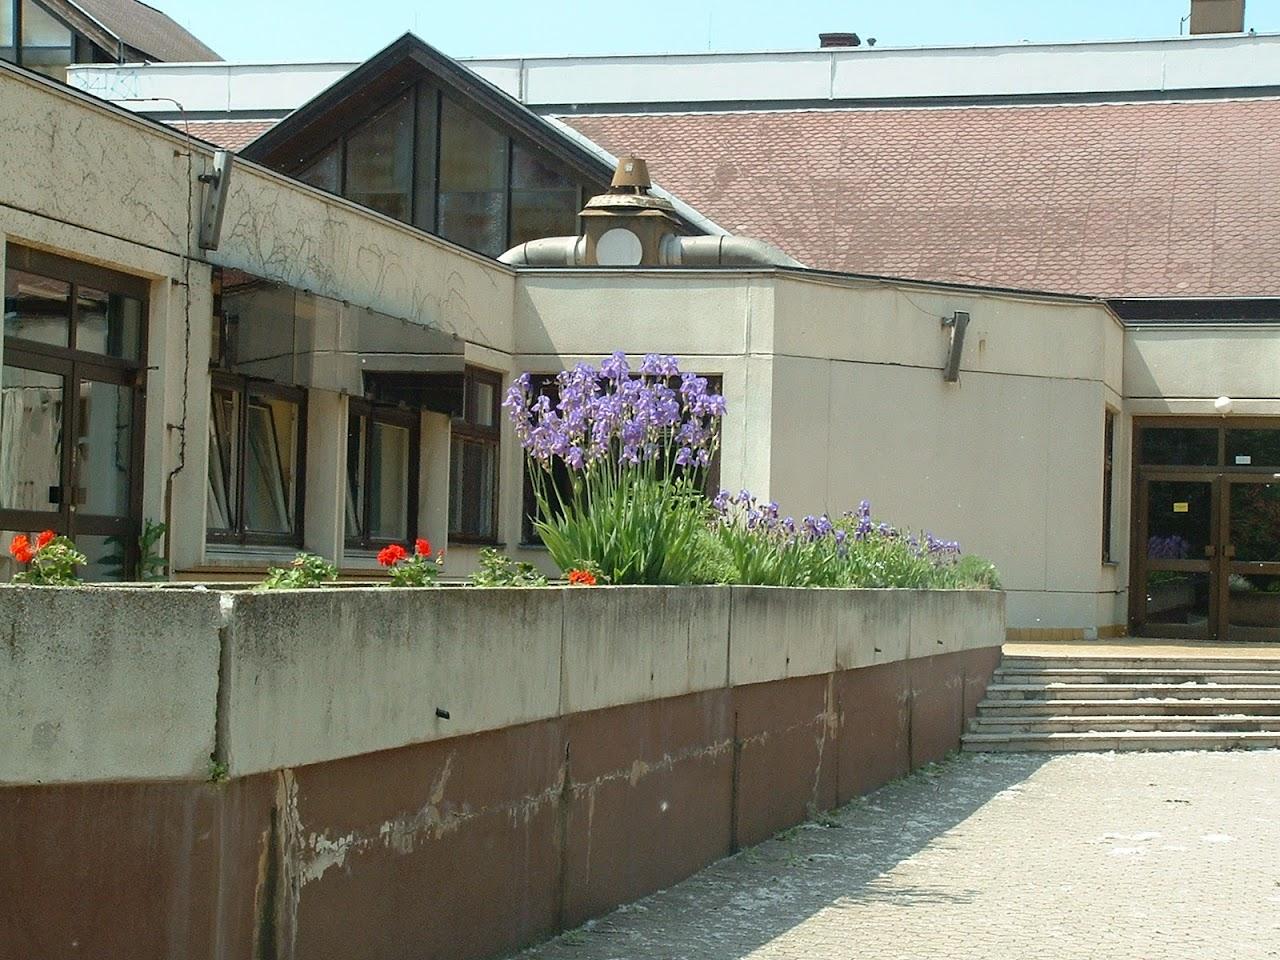 Képek az iskoláról - image019.jpg